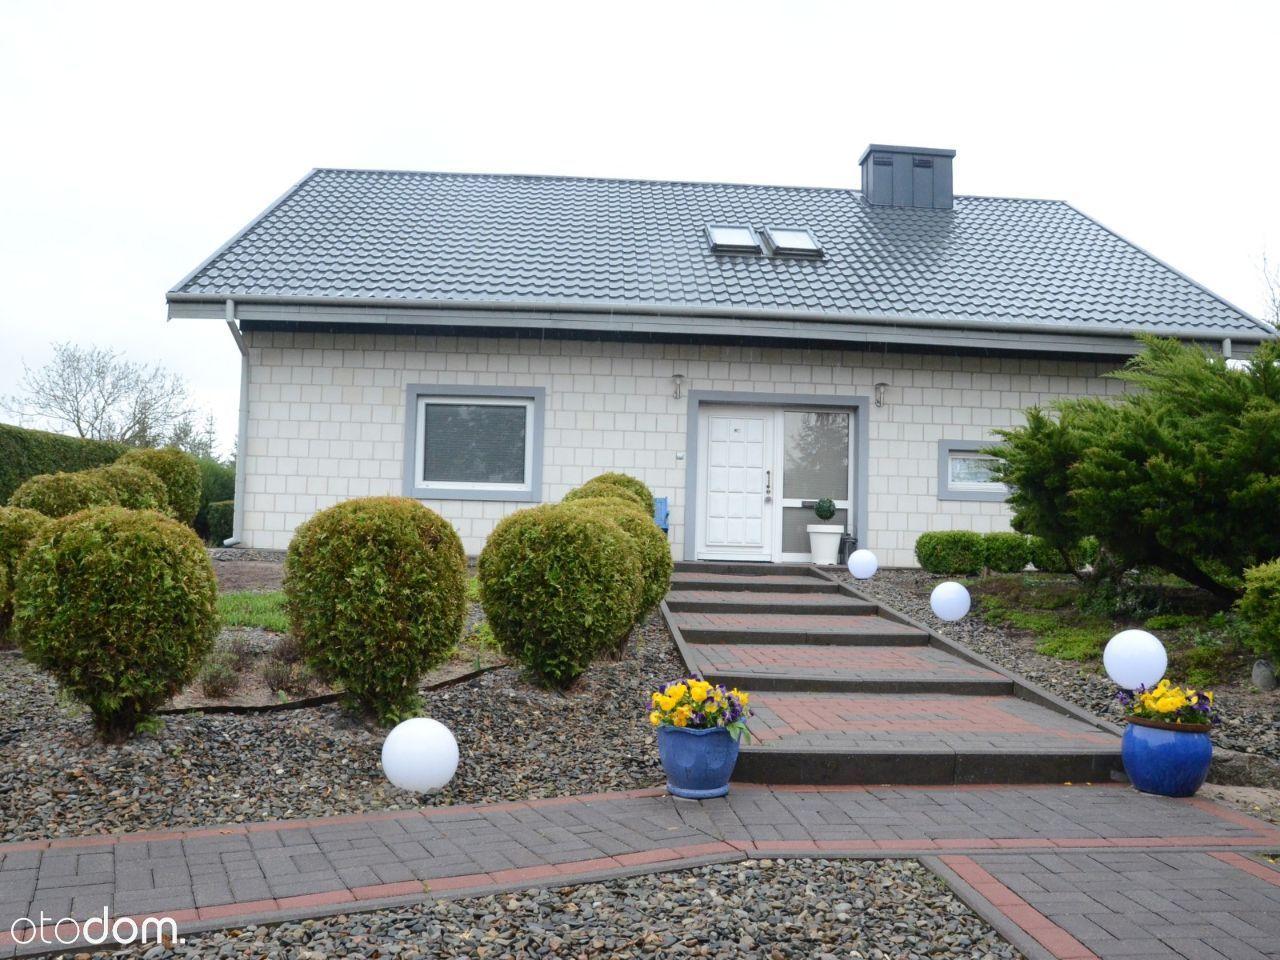 Dom jednorodzinny 120 m/wynajem krótkoterminowy